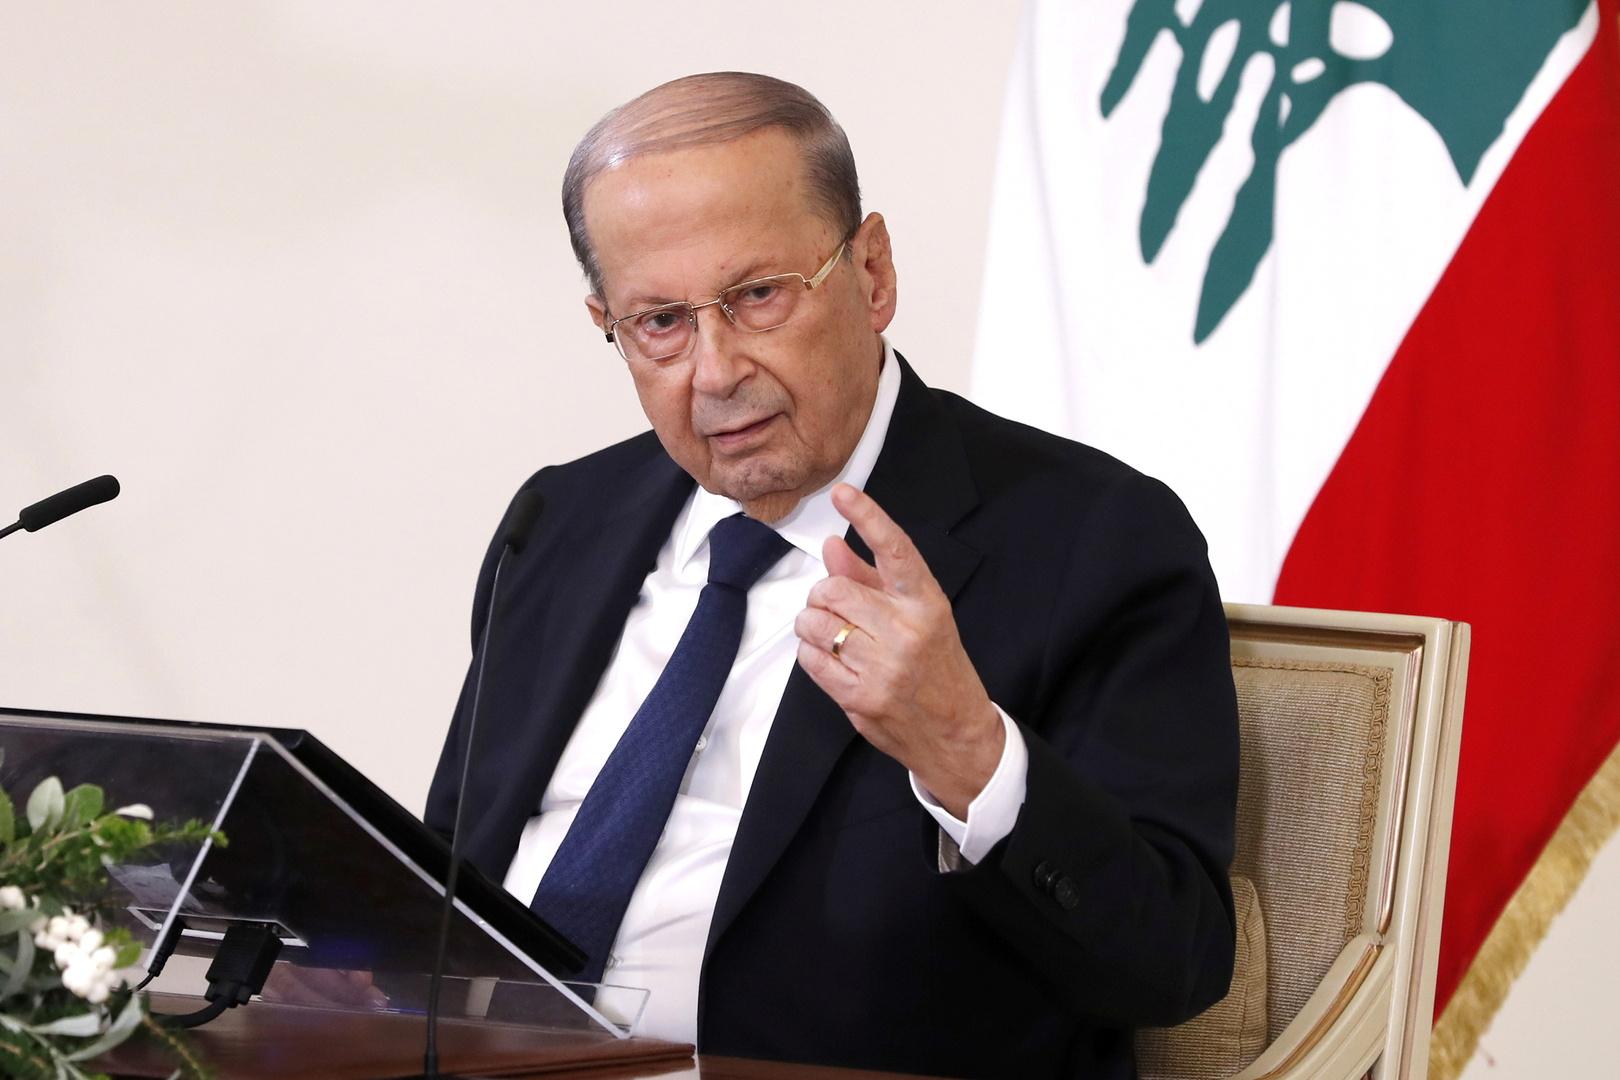 الرئاسة اللبنانية: عون و10 أعضاء من فريقه تلقوا لقاح كورونا بعد تسجيل أسمائهم بالمنصة